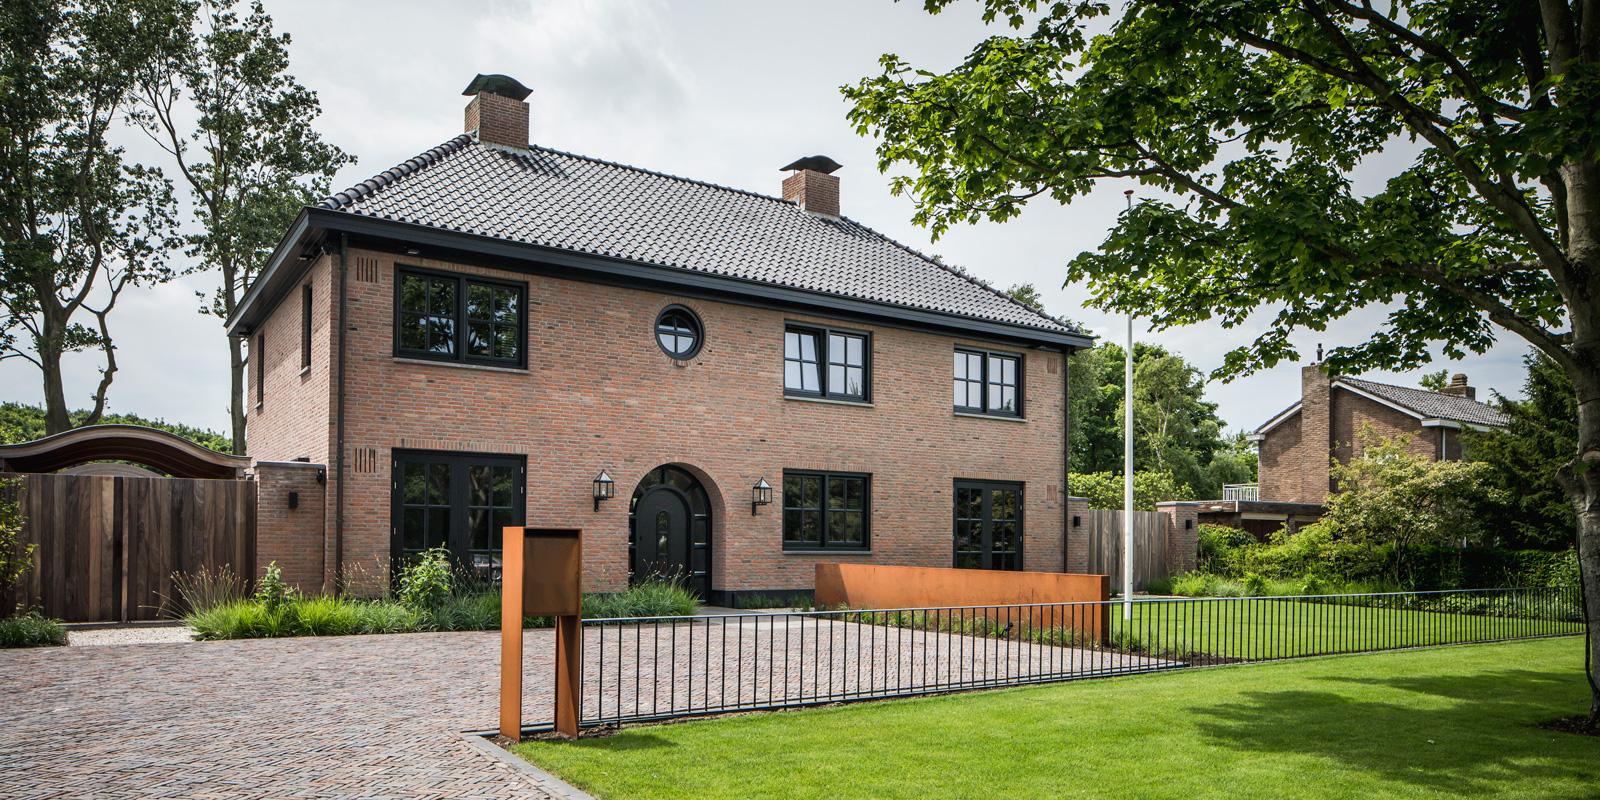 Restyle house is verantwoordelijk voor de verbouwing wat resulteerde in deze prachtige villa.